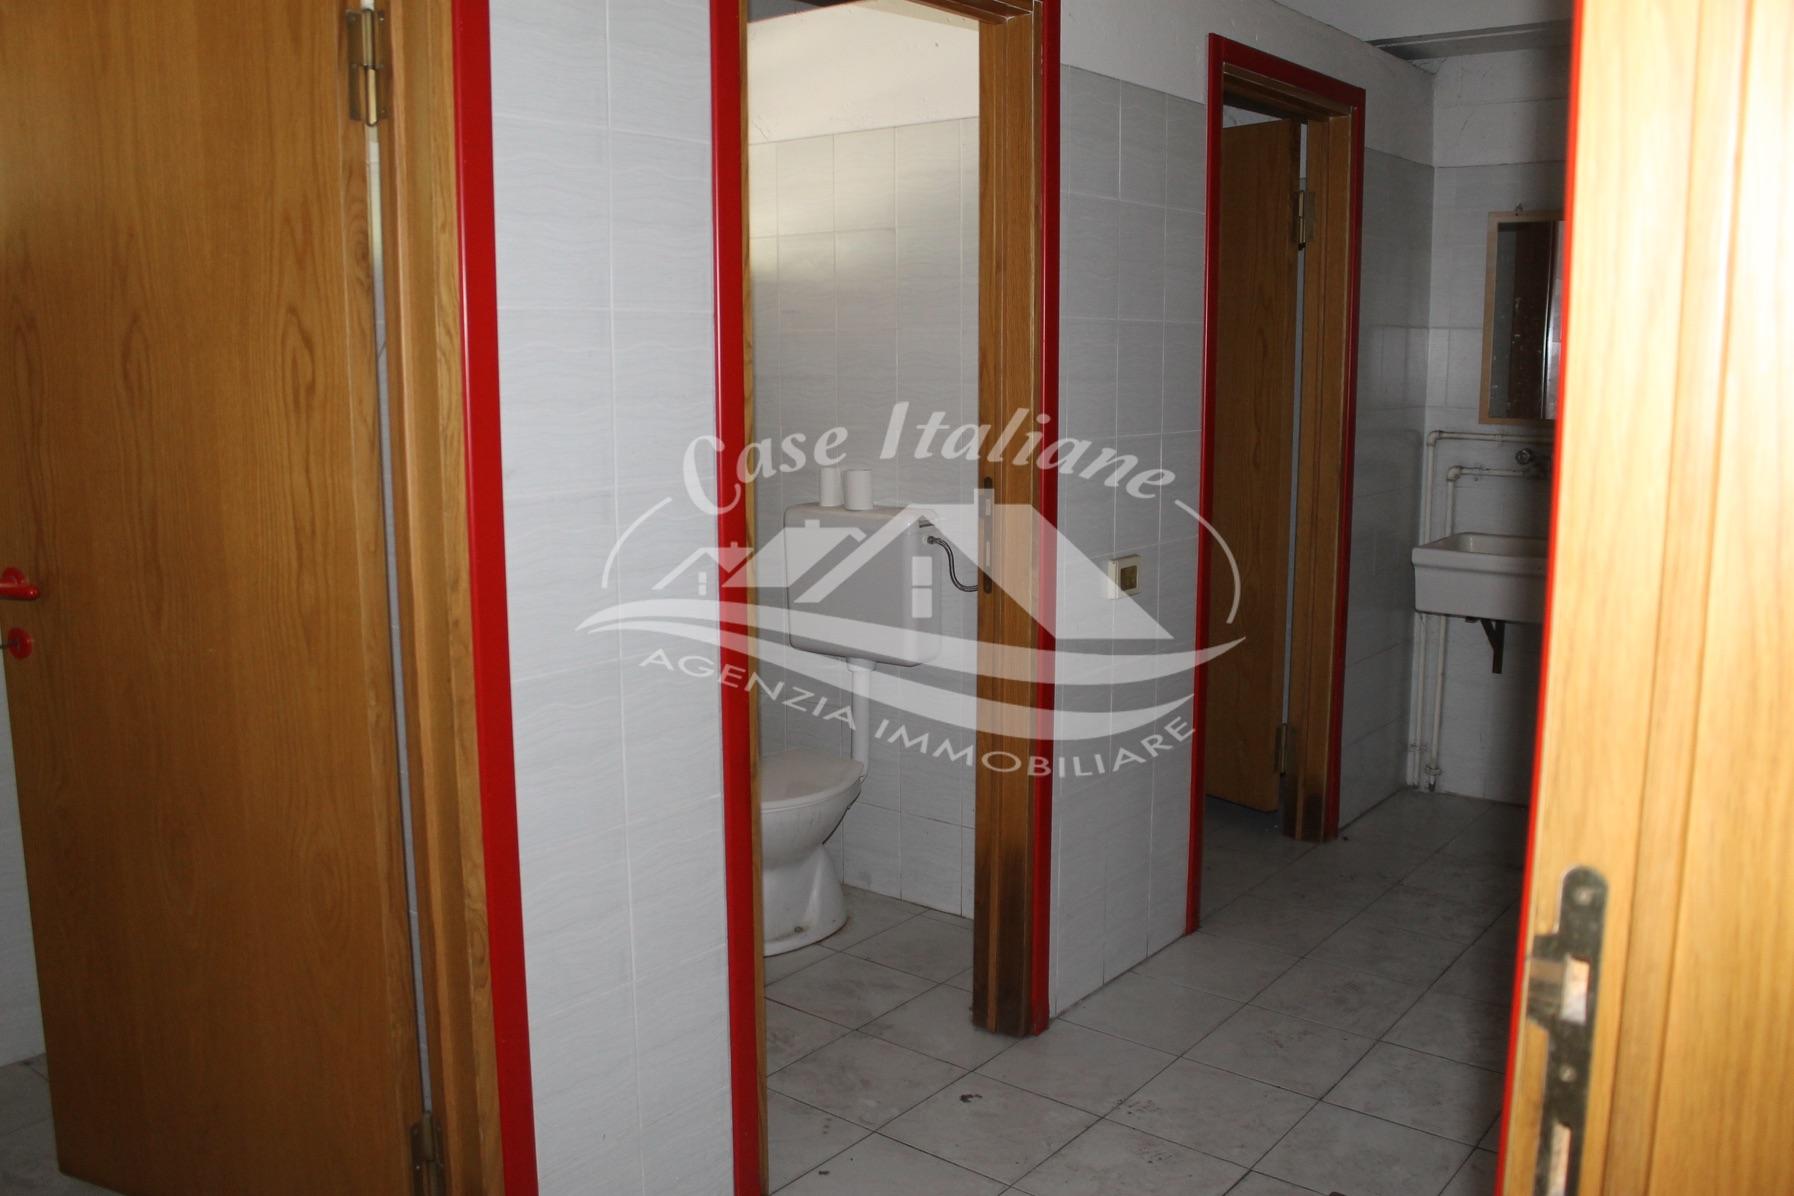 Img 8672 case italiane agenzia immobiliare cant for Case italiane immobiliare